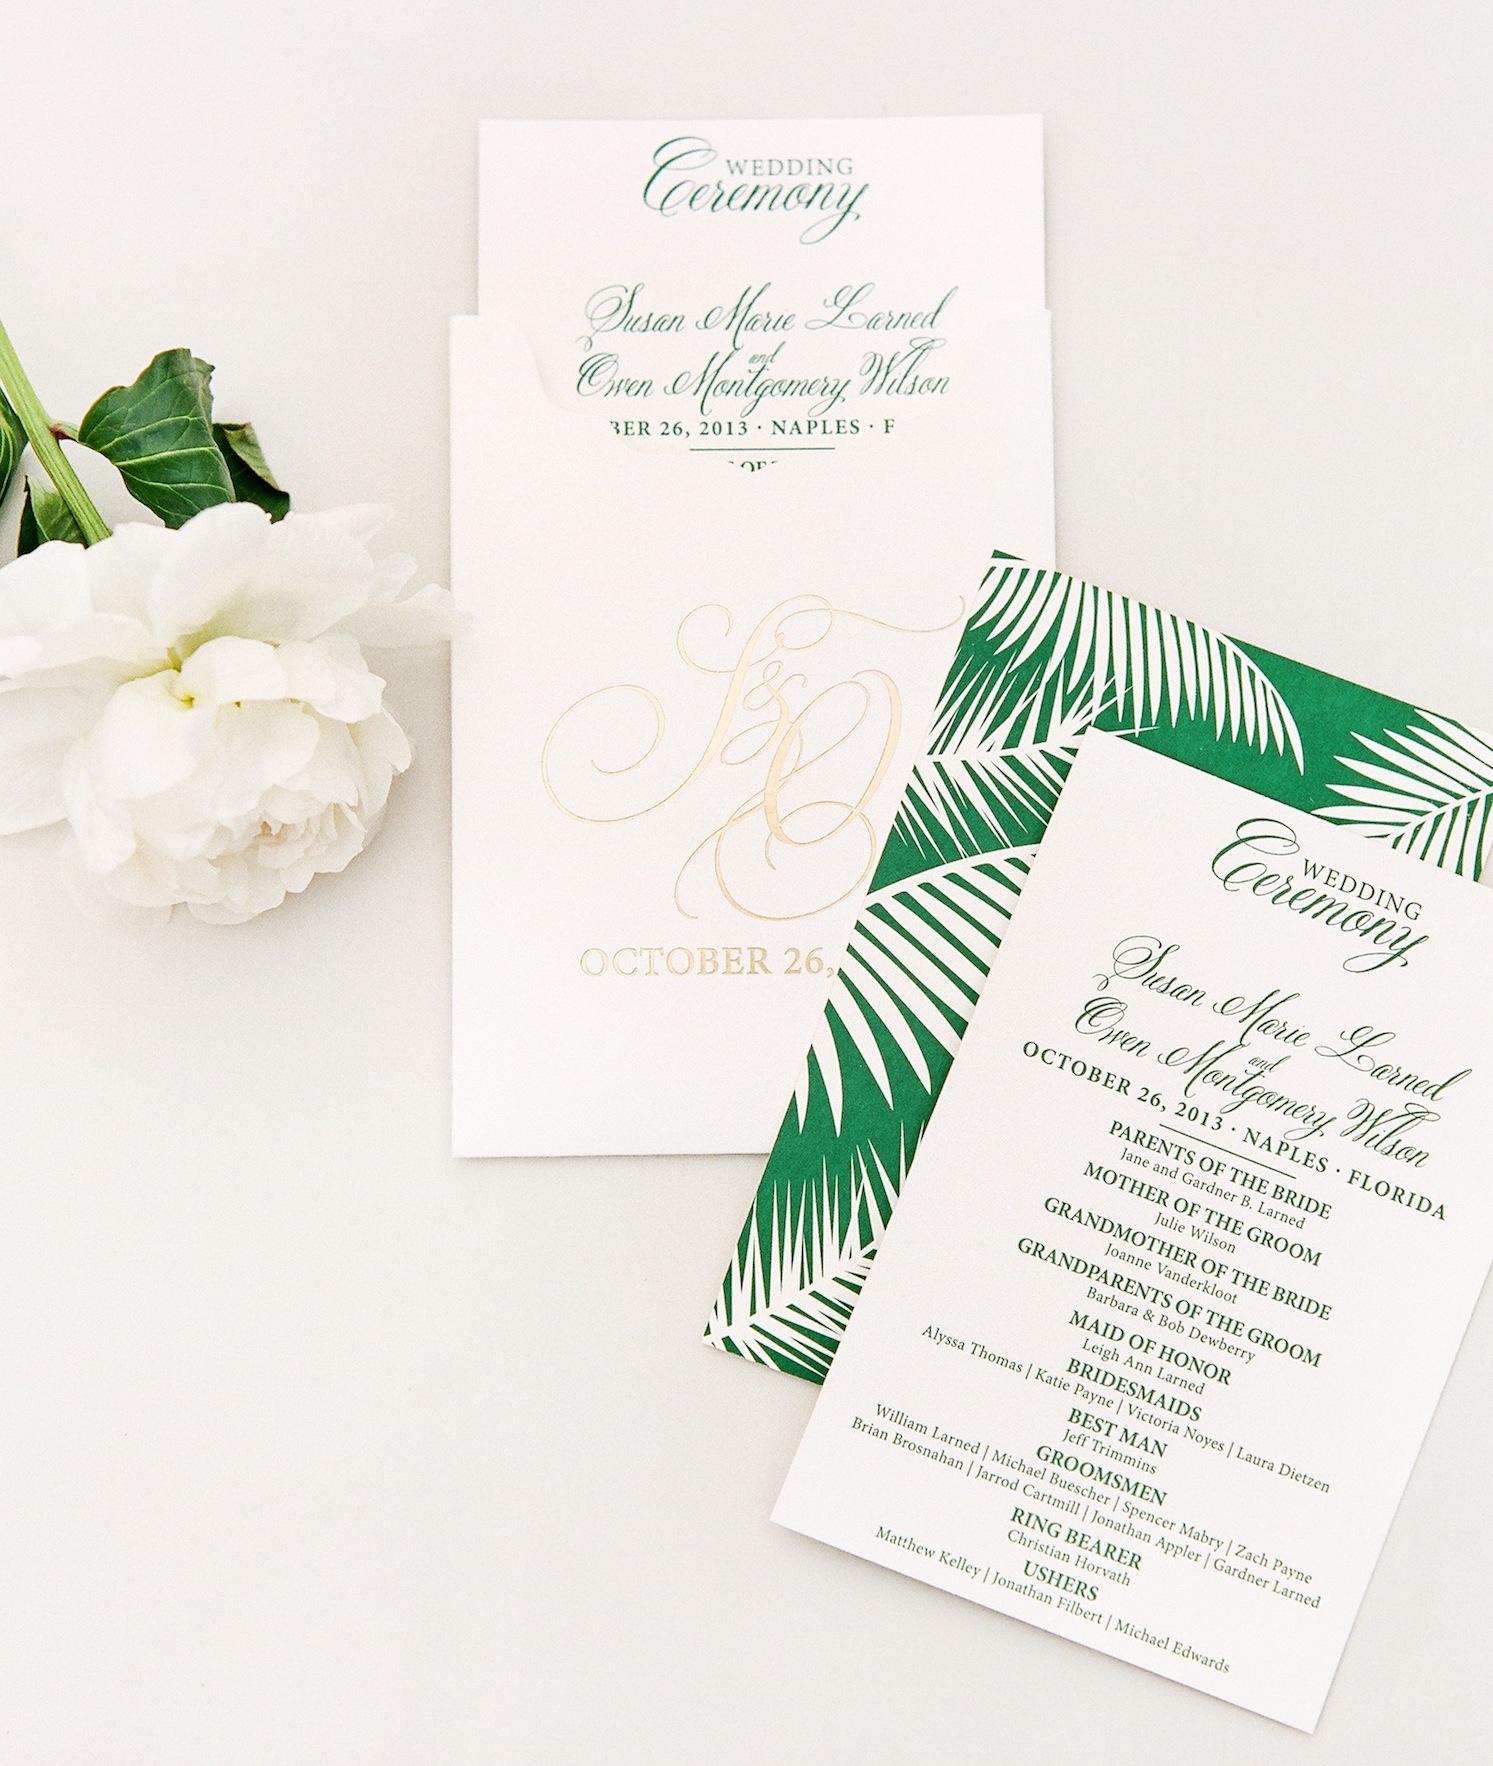 Green Wedding Theme: 28 Green Wedding Ideas - Inside Weddings